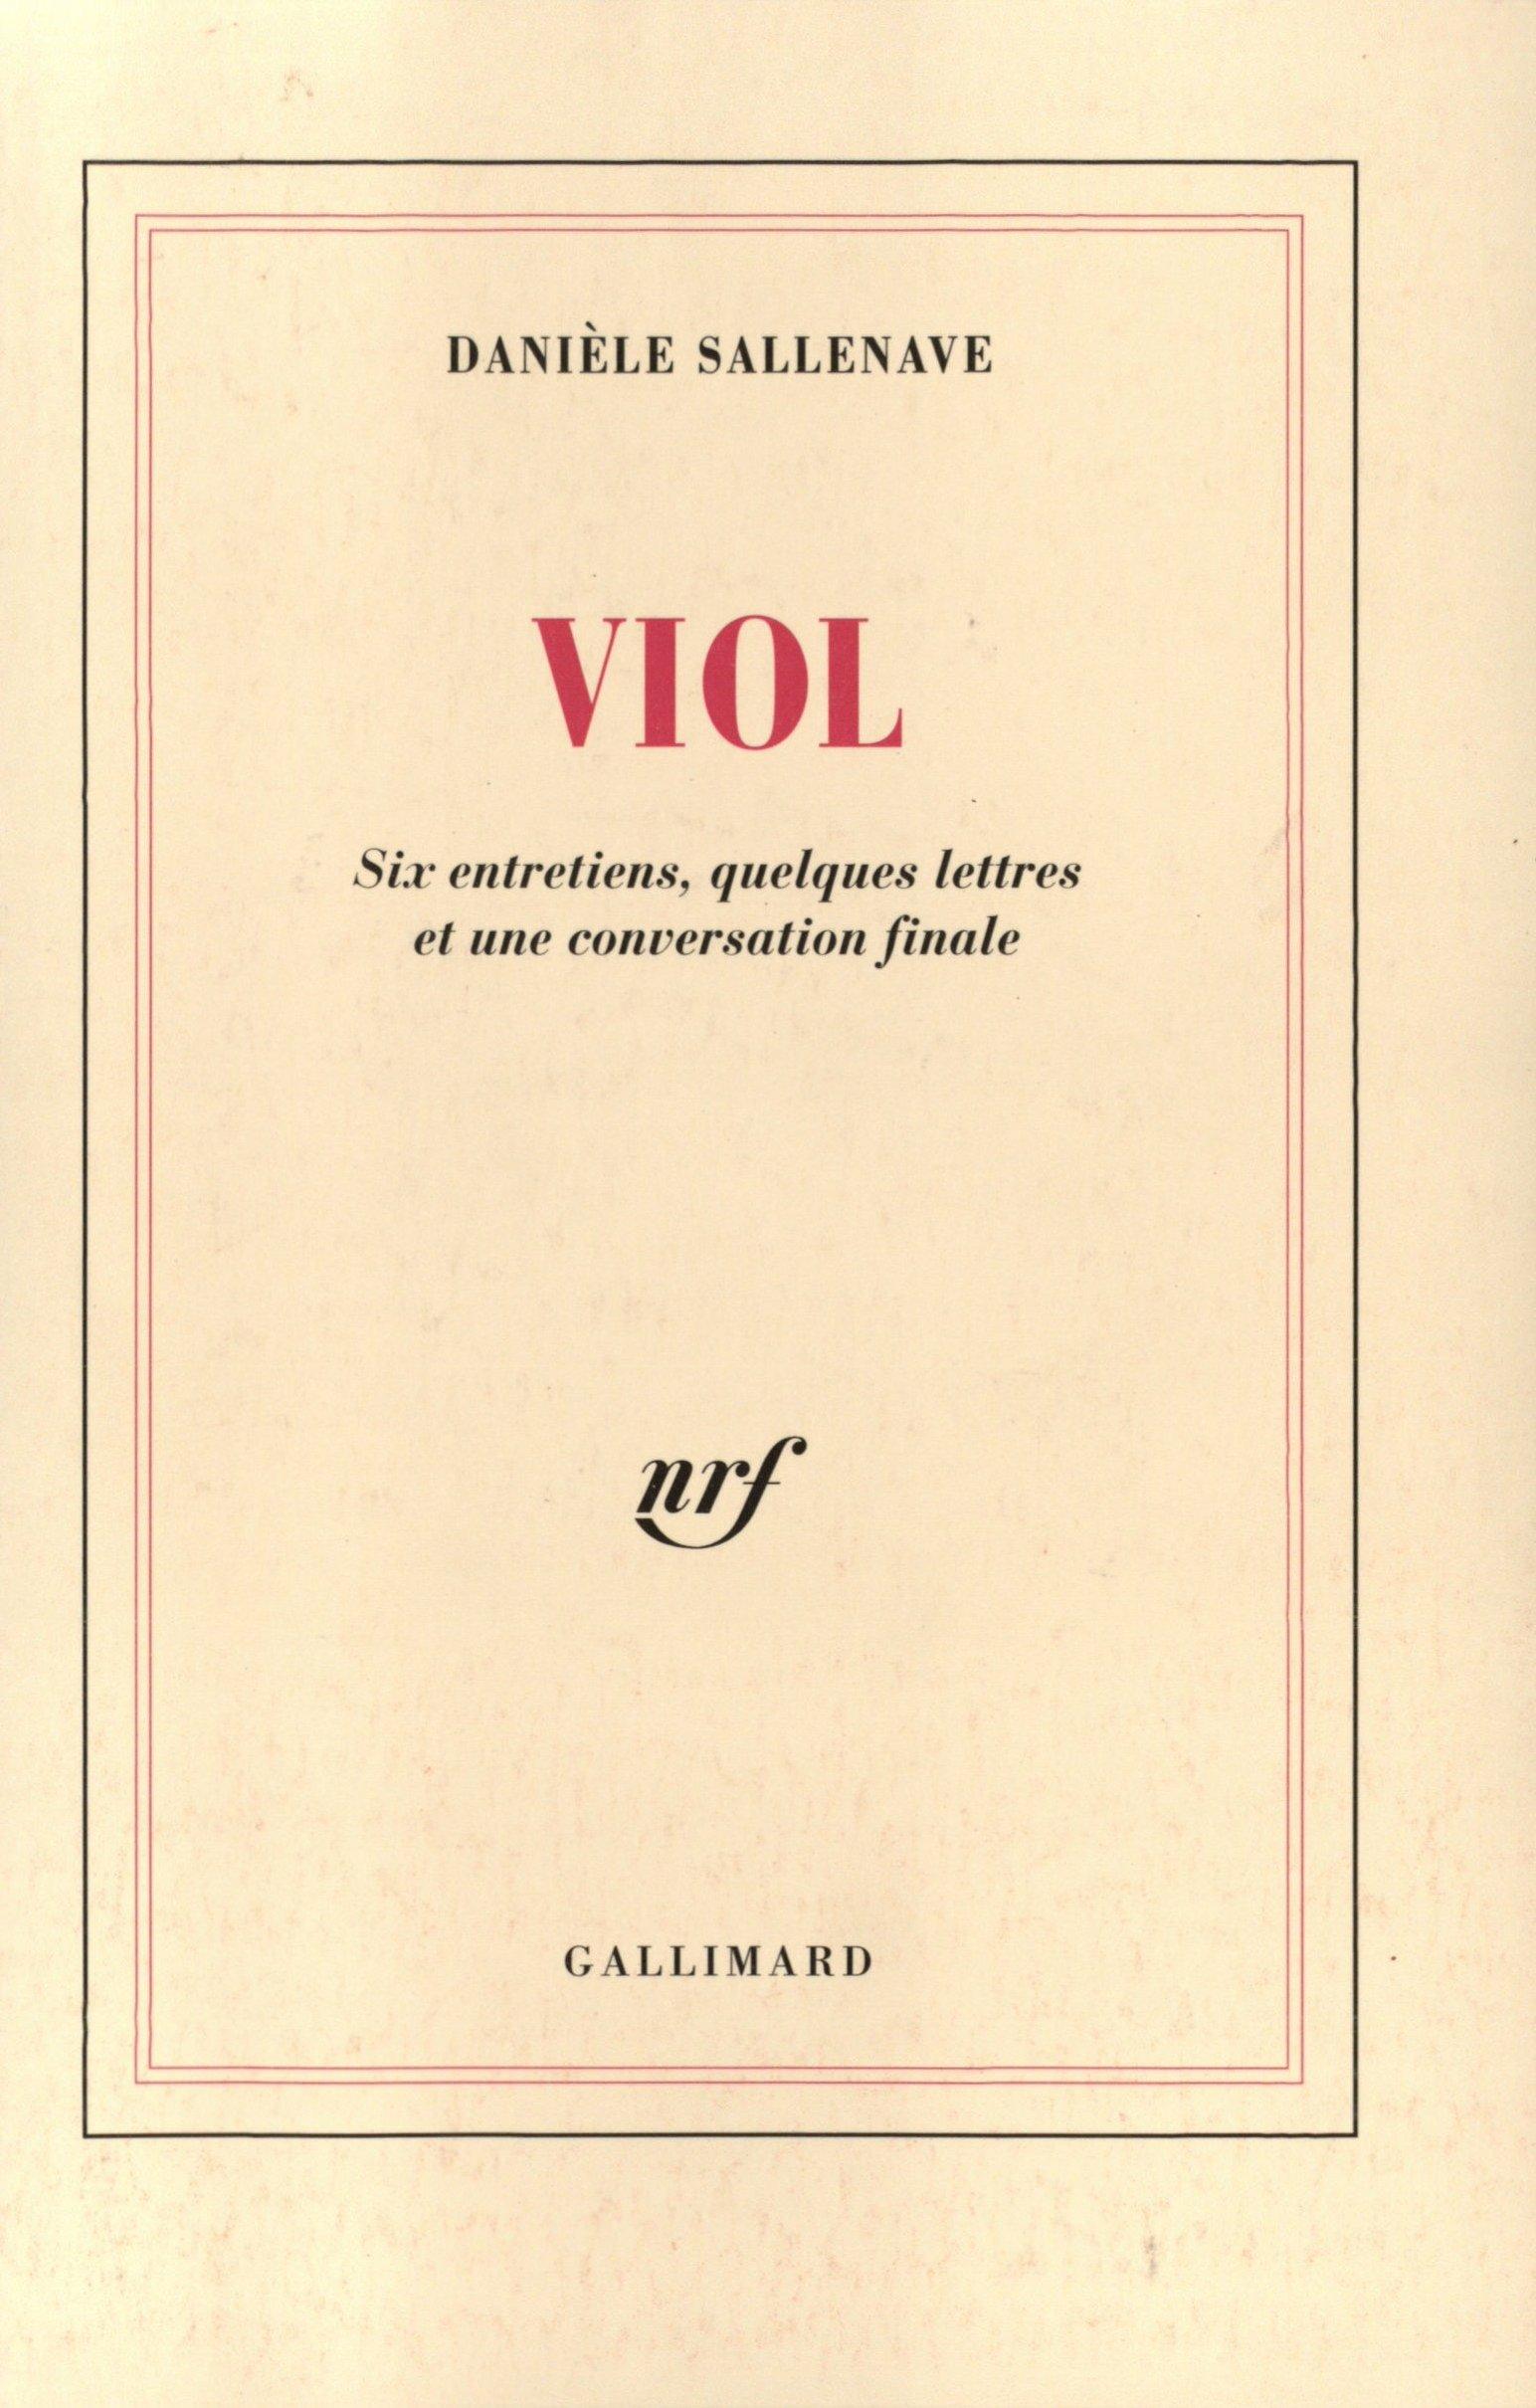 Viol: Six entretiens, quelques lettres et une conversation finale Blanche: Amazon.es: Danièle Sallenave: Libros en idiomas extranjeros